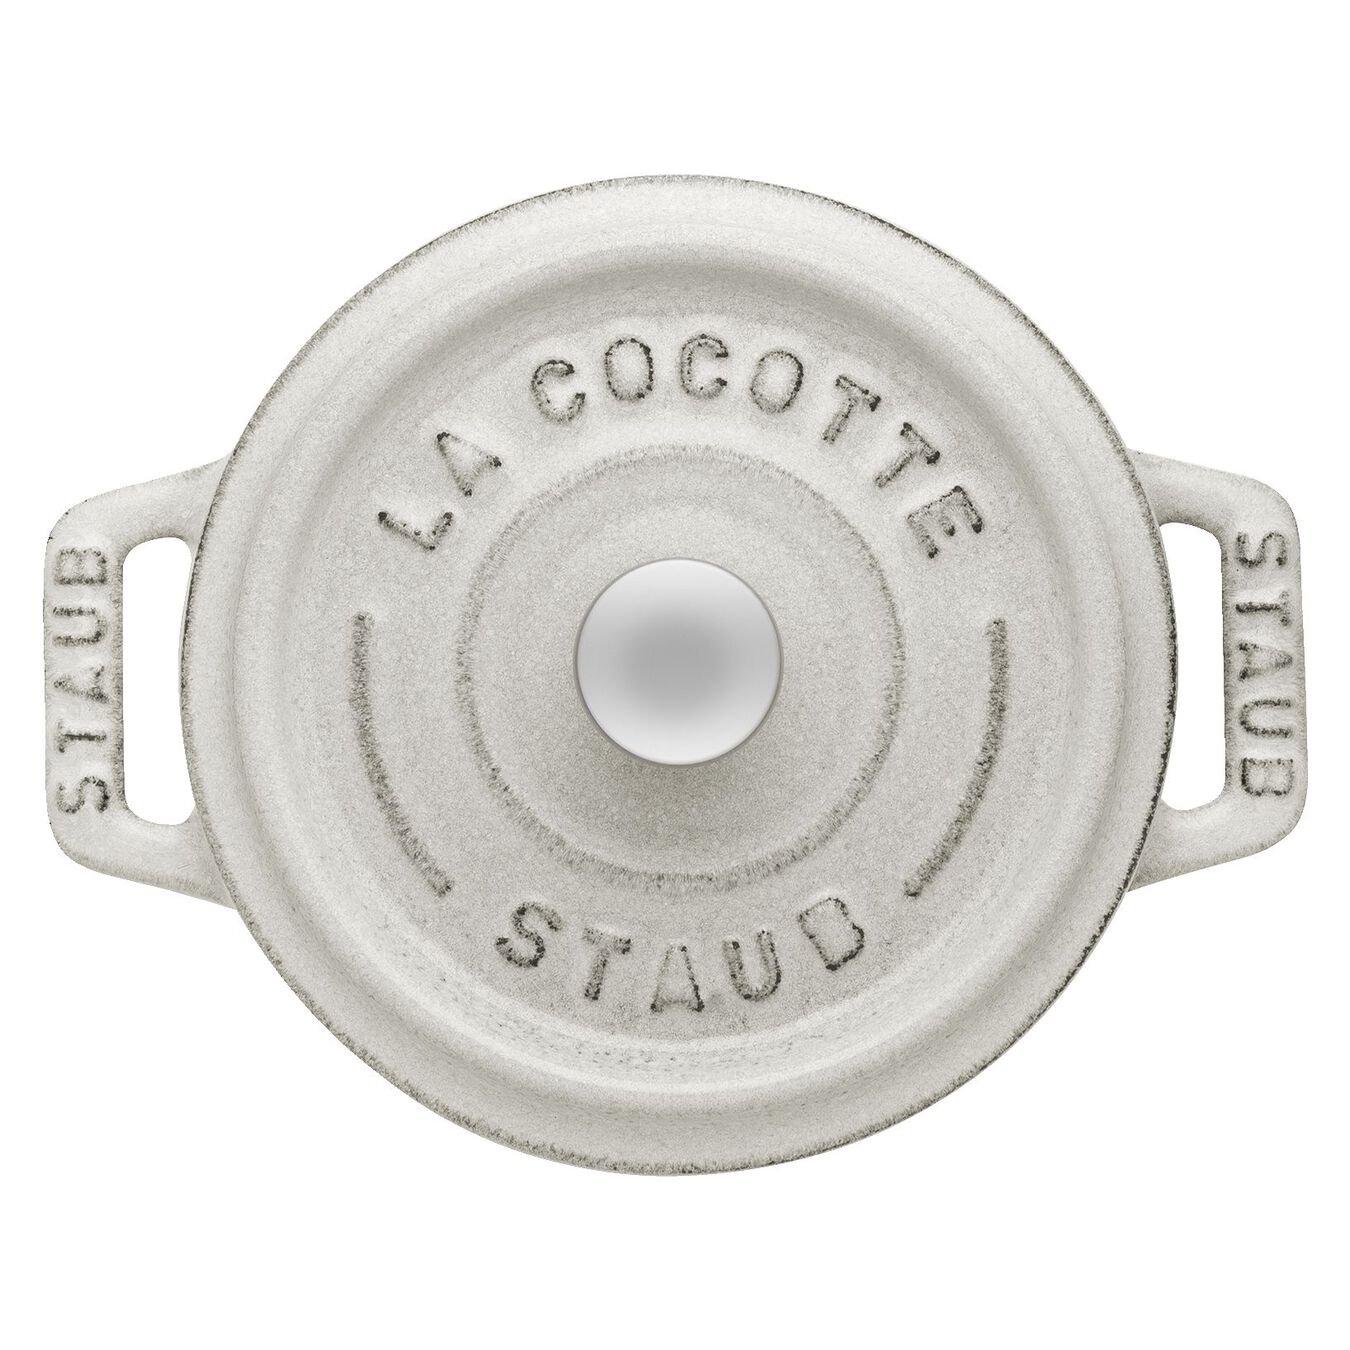 Mini Cocotte 10 cm, rund, Weisser Trüffel, Gusseisen,,large 3